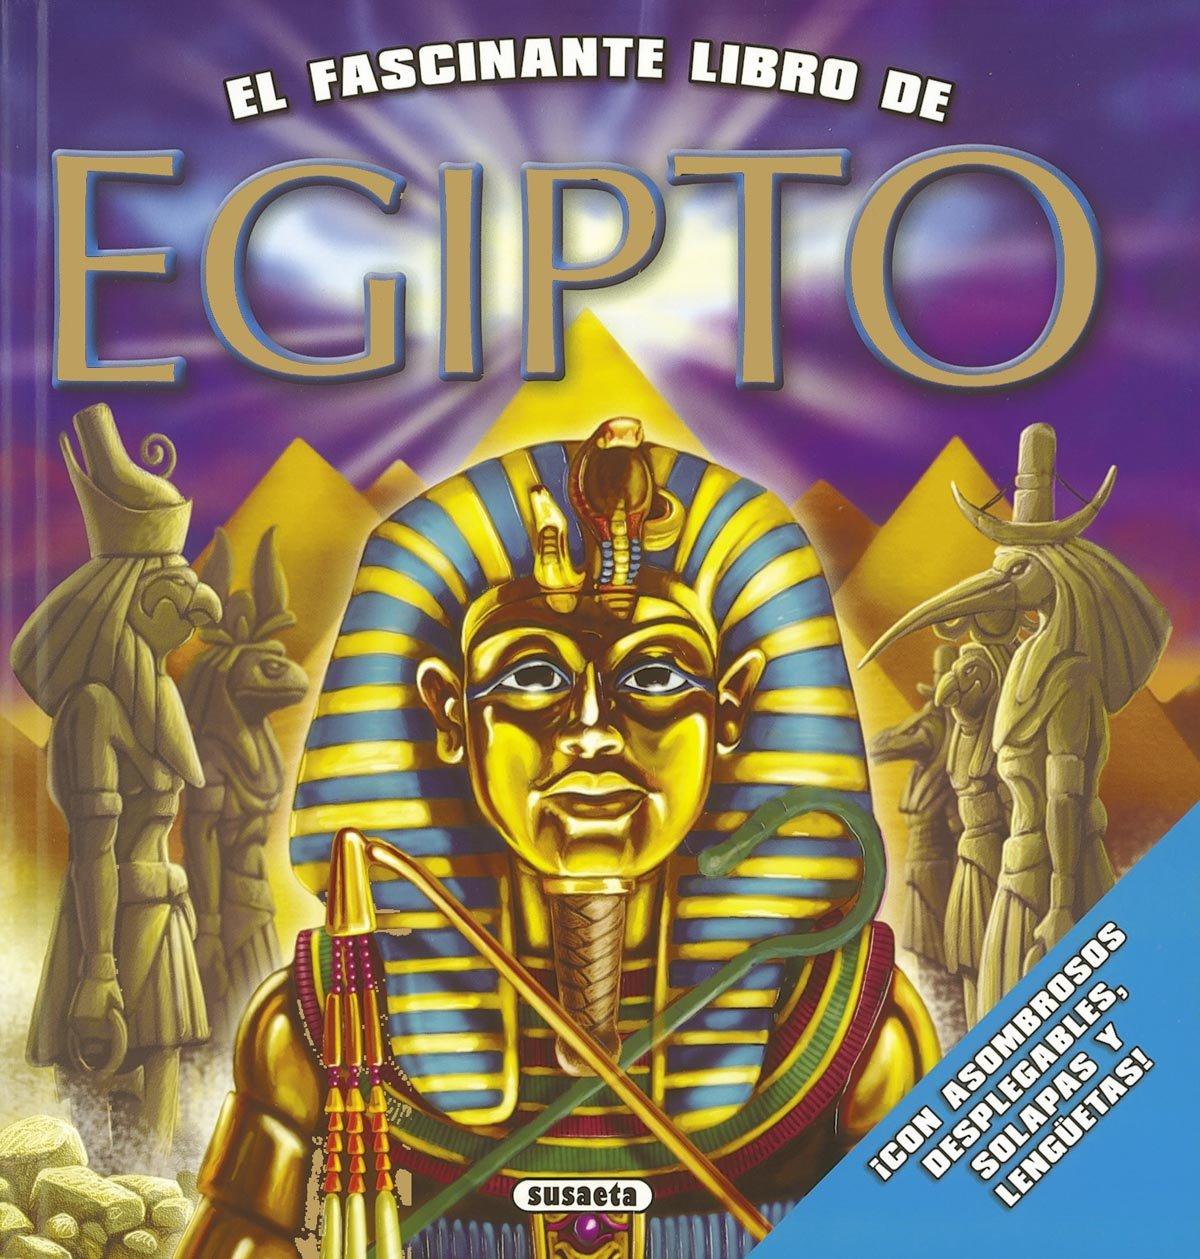 Egipto (El fascinante libro de): Amazon.es: Susaeta Ediciones S A: Libros